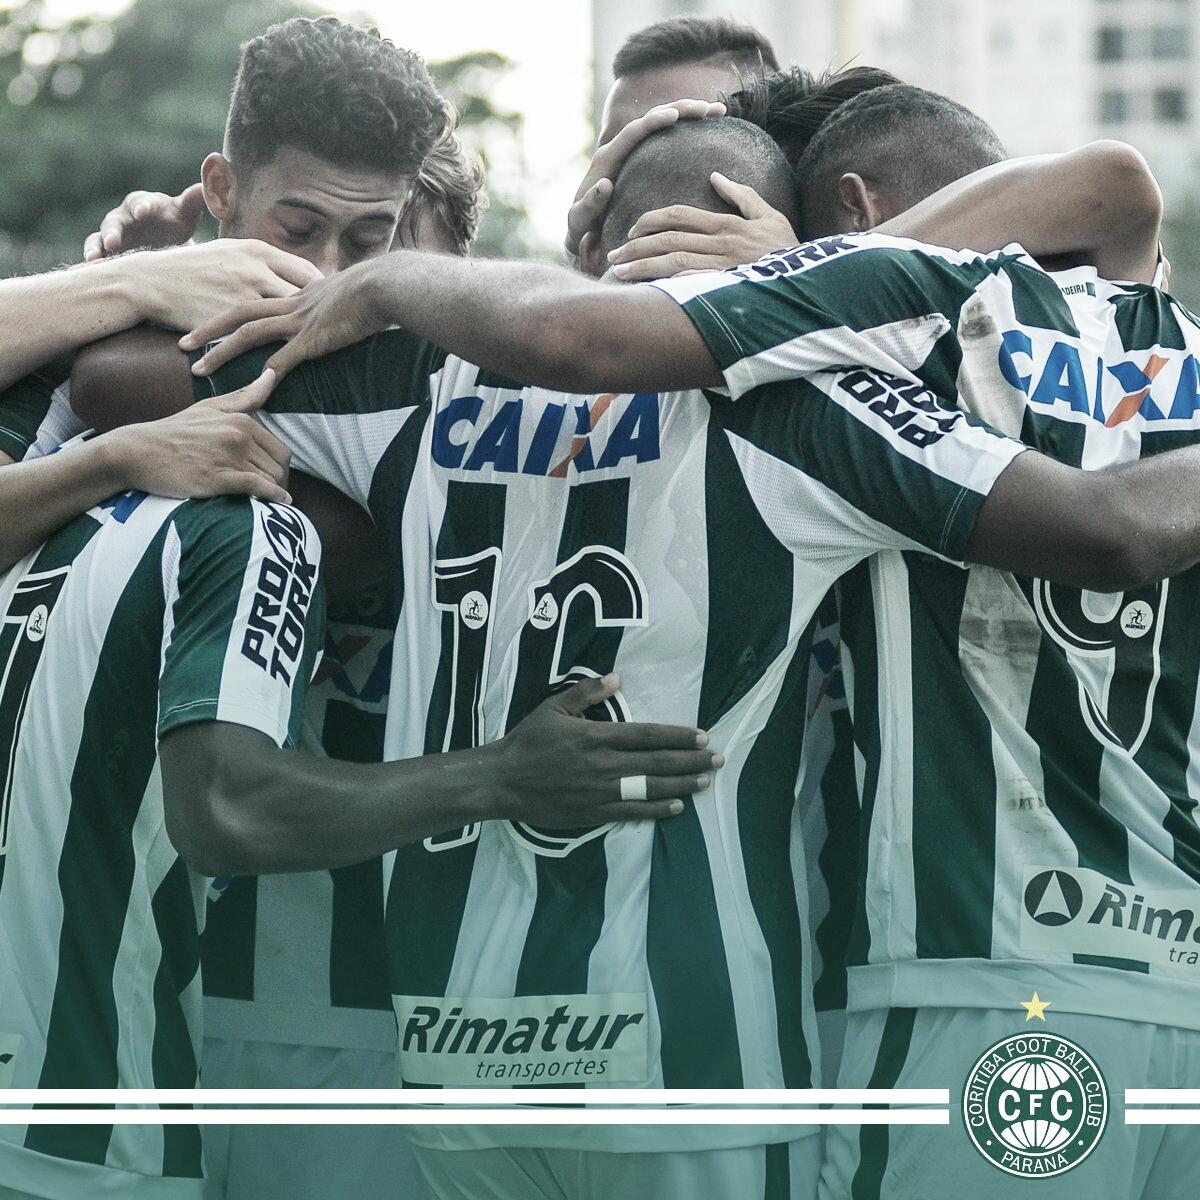 Nos pênaltis, Coritiba derrota São Caetano e avança para as oitavas da Copinha